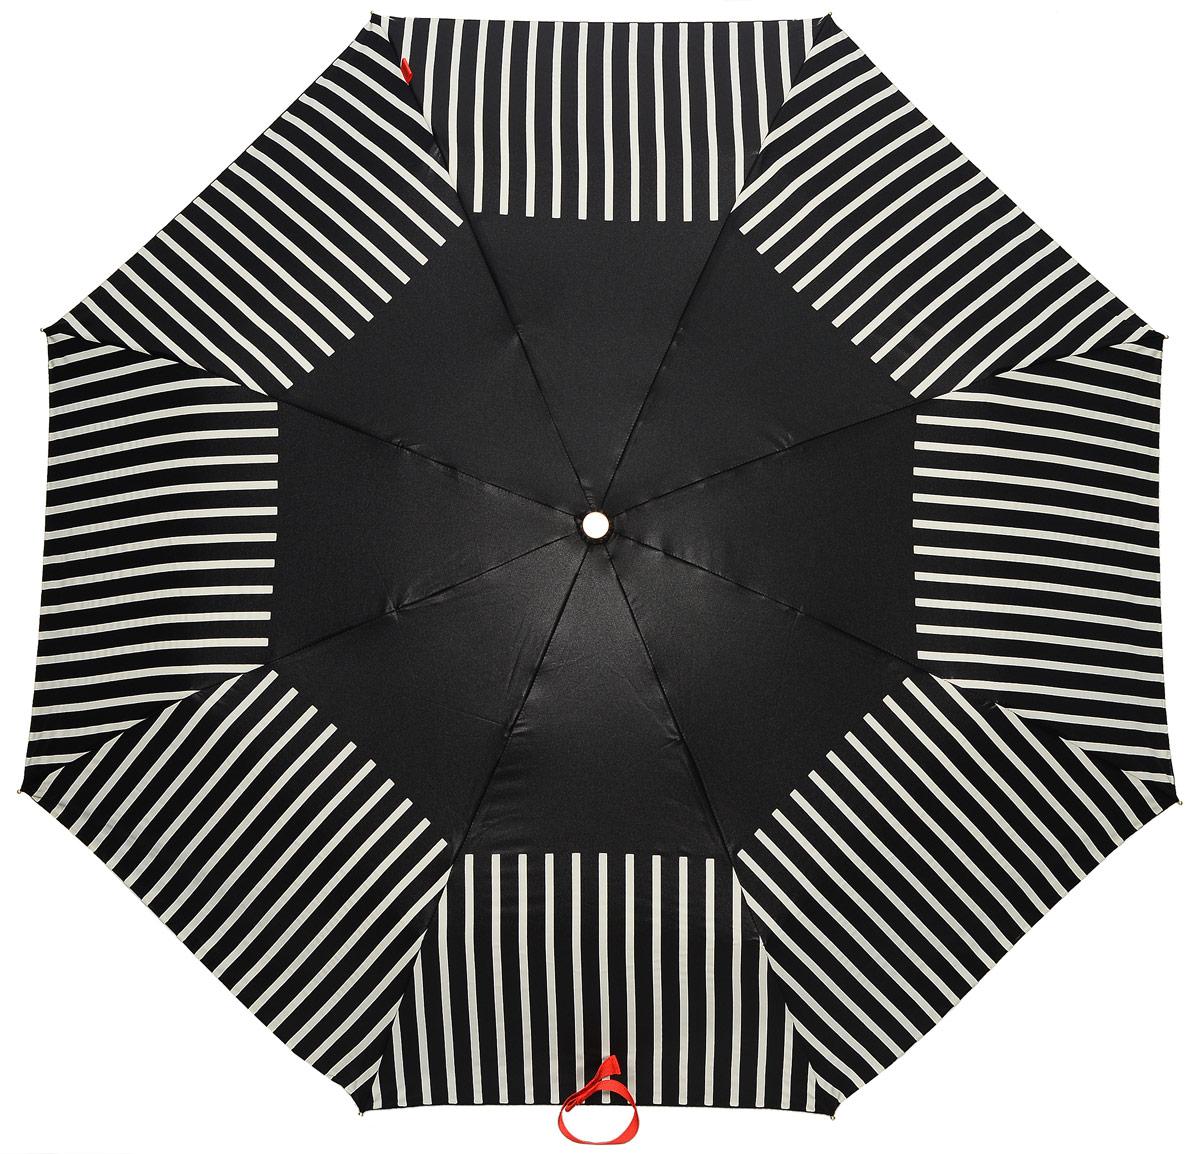 M&P 5789-1 Зонт полный автом. 3 сл. жен.REM12-CAM-REDBLACKЗонт испанского производителя Clima. В производстве зонтов используются современные материалы, что делает зонты легкими, но в то же время крепкими.Полный автомат, 3 сложения, 7 спиц, полиэстер.